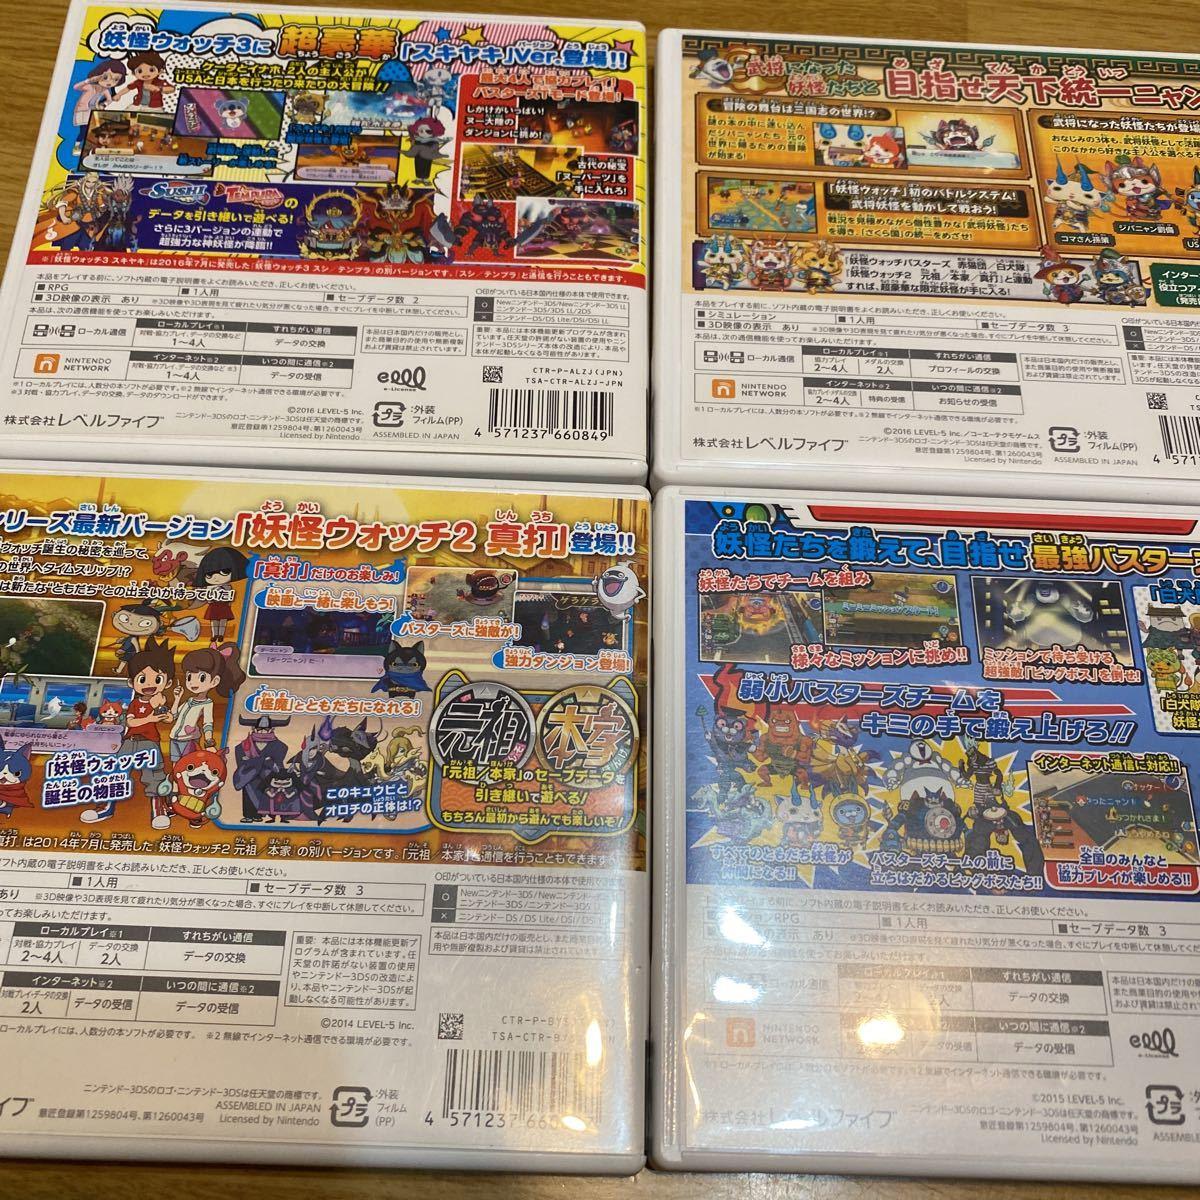 3DSソフト 妖怪ウォッチ 三国志 バスターズ白犬隊 真打 スキヤキ 4個セット ニンテンドー